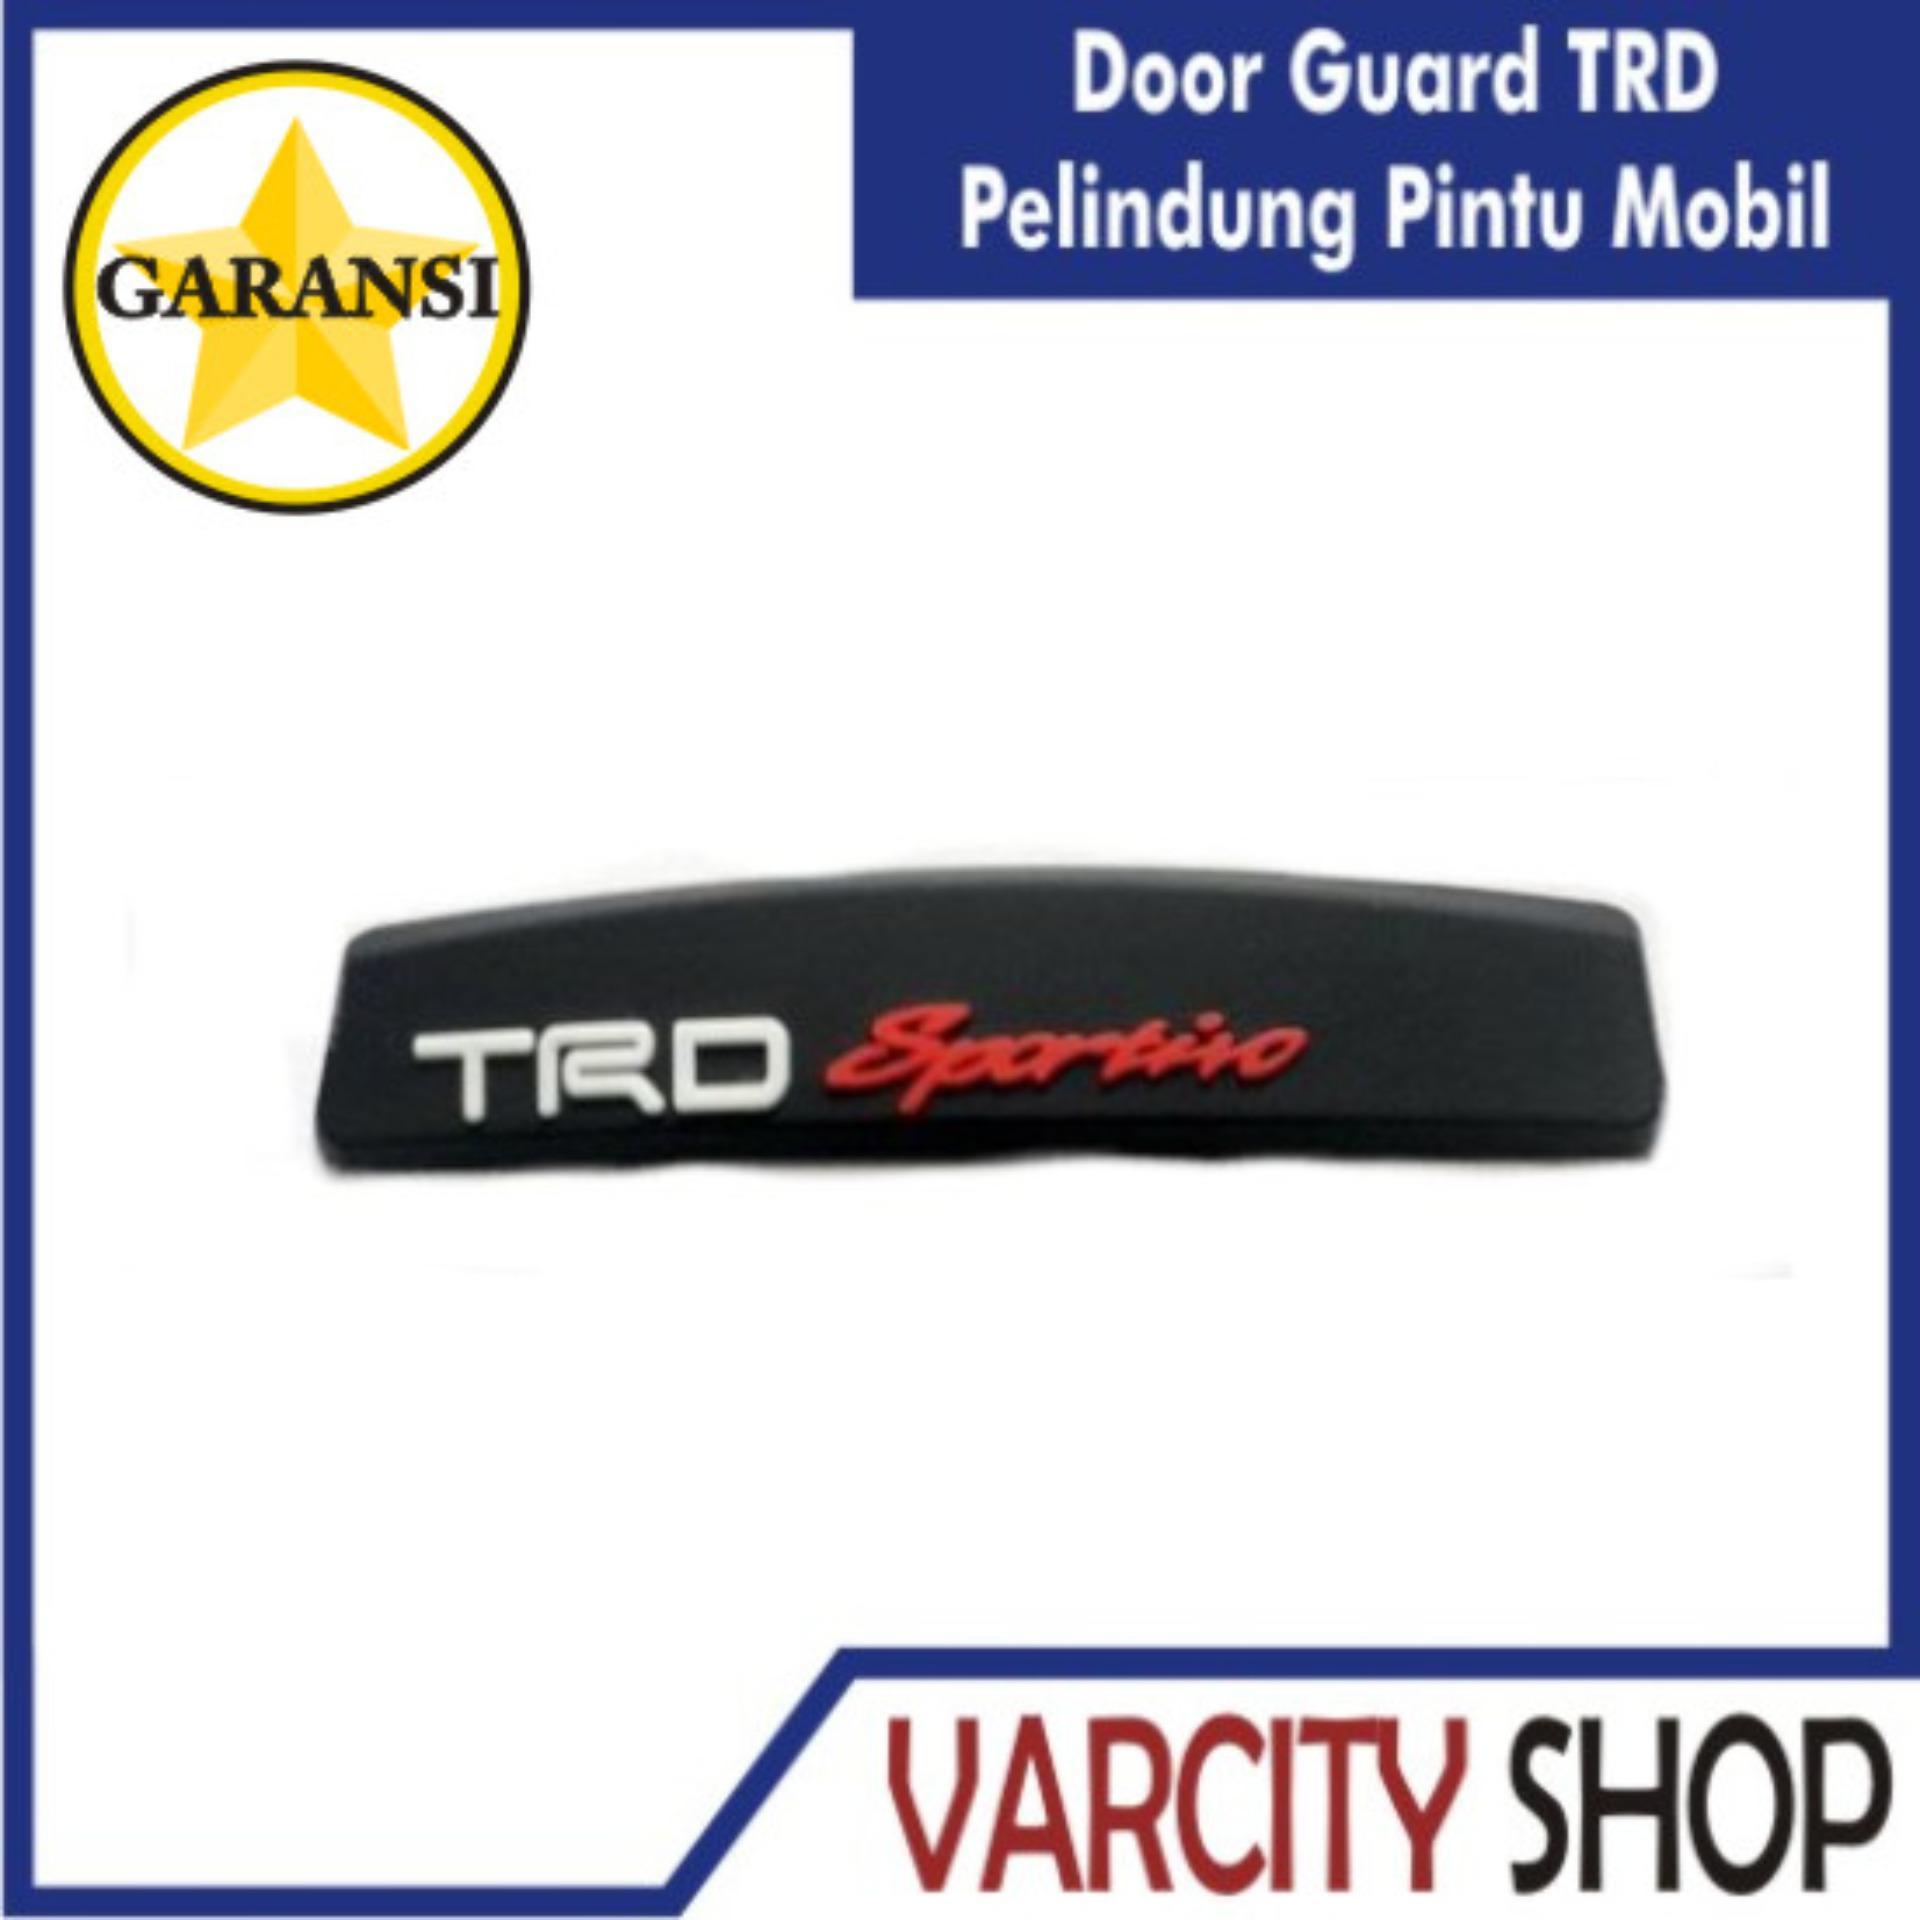 ... Door Guard Doorguard Karet Pelindung Pintu Mobil ...